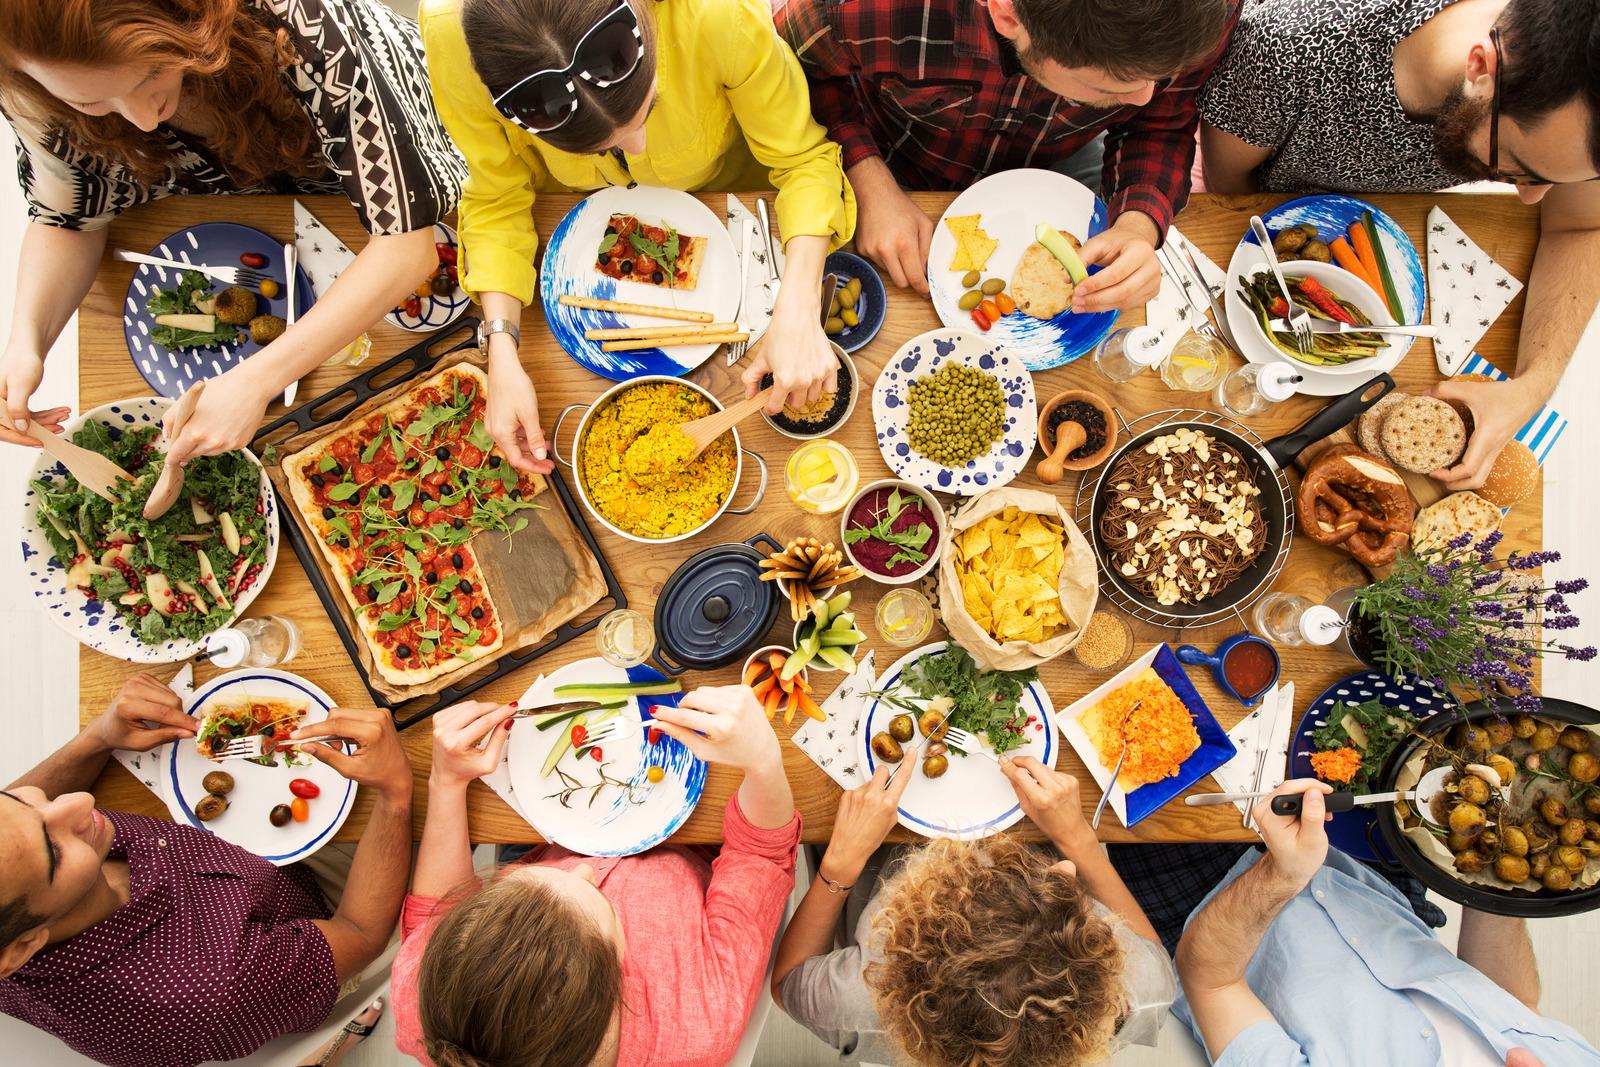 (P) Află de ce tot mai mulți oameni aleg acest tip de alimentație